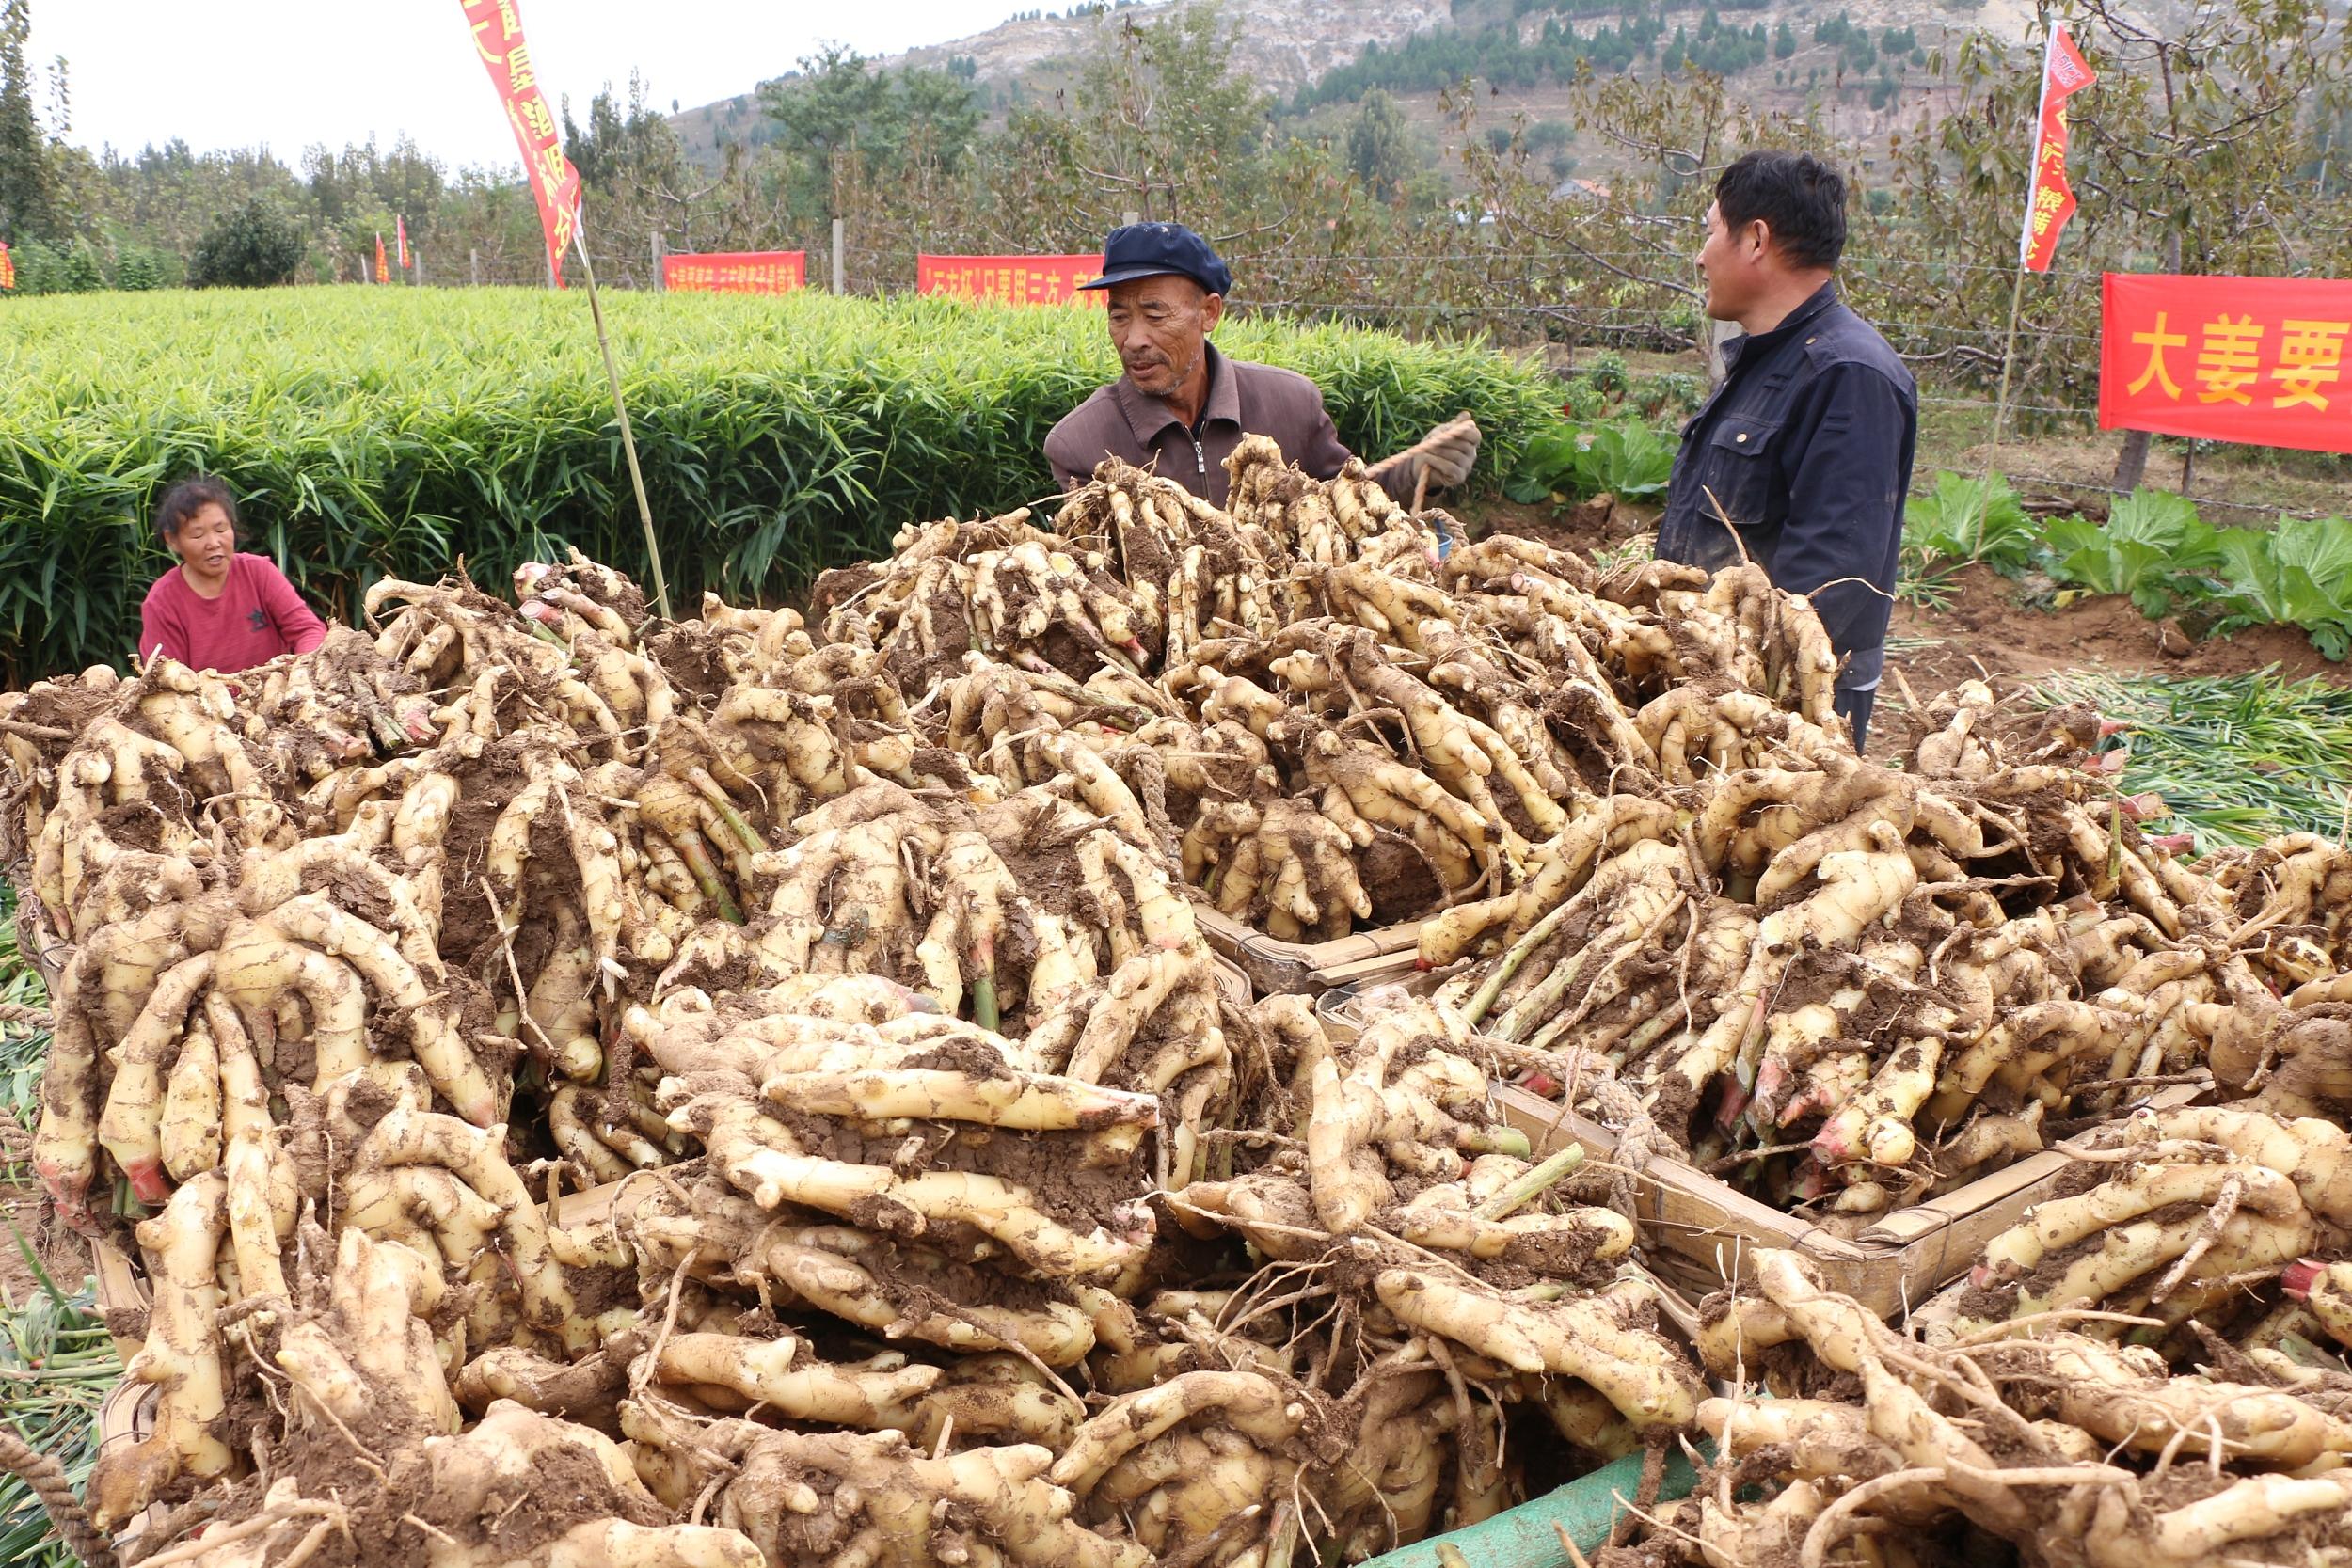 安丘优质农产品基地品牌价值超百亿元